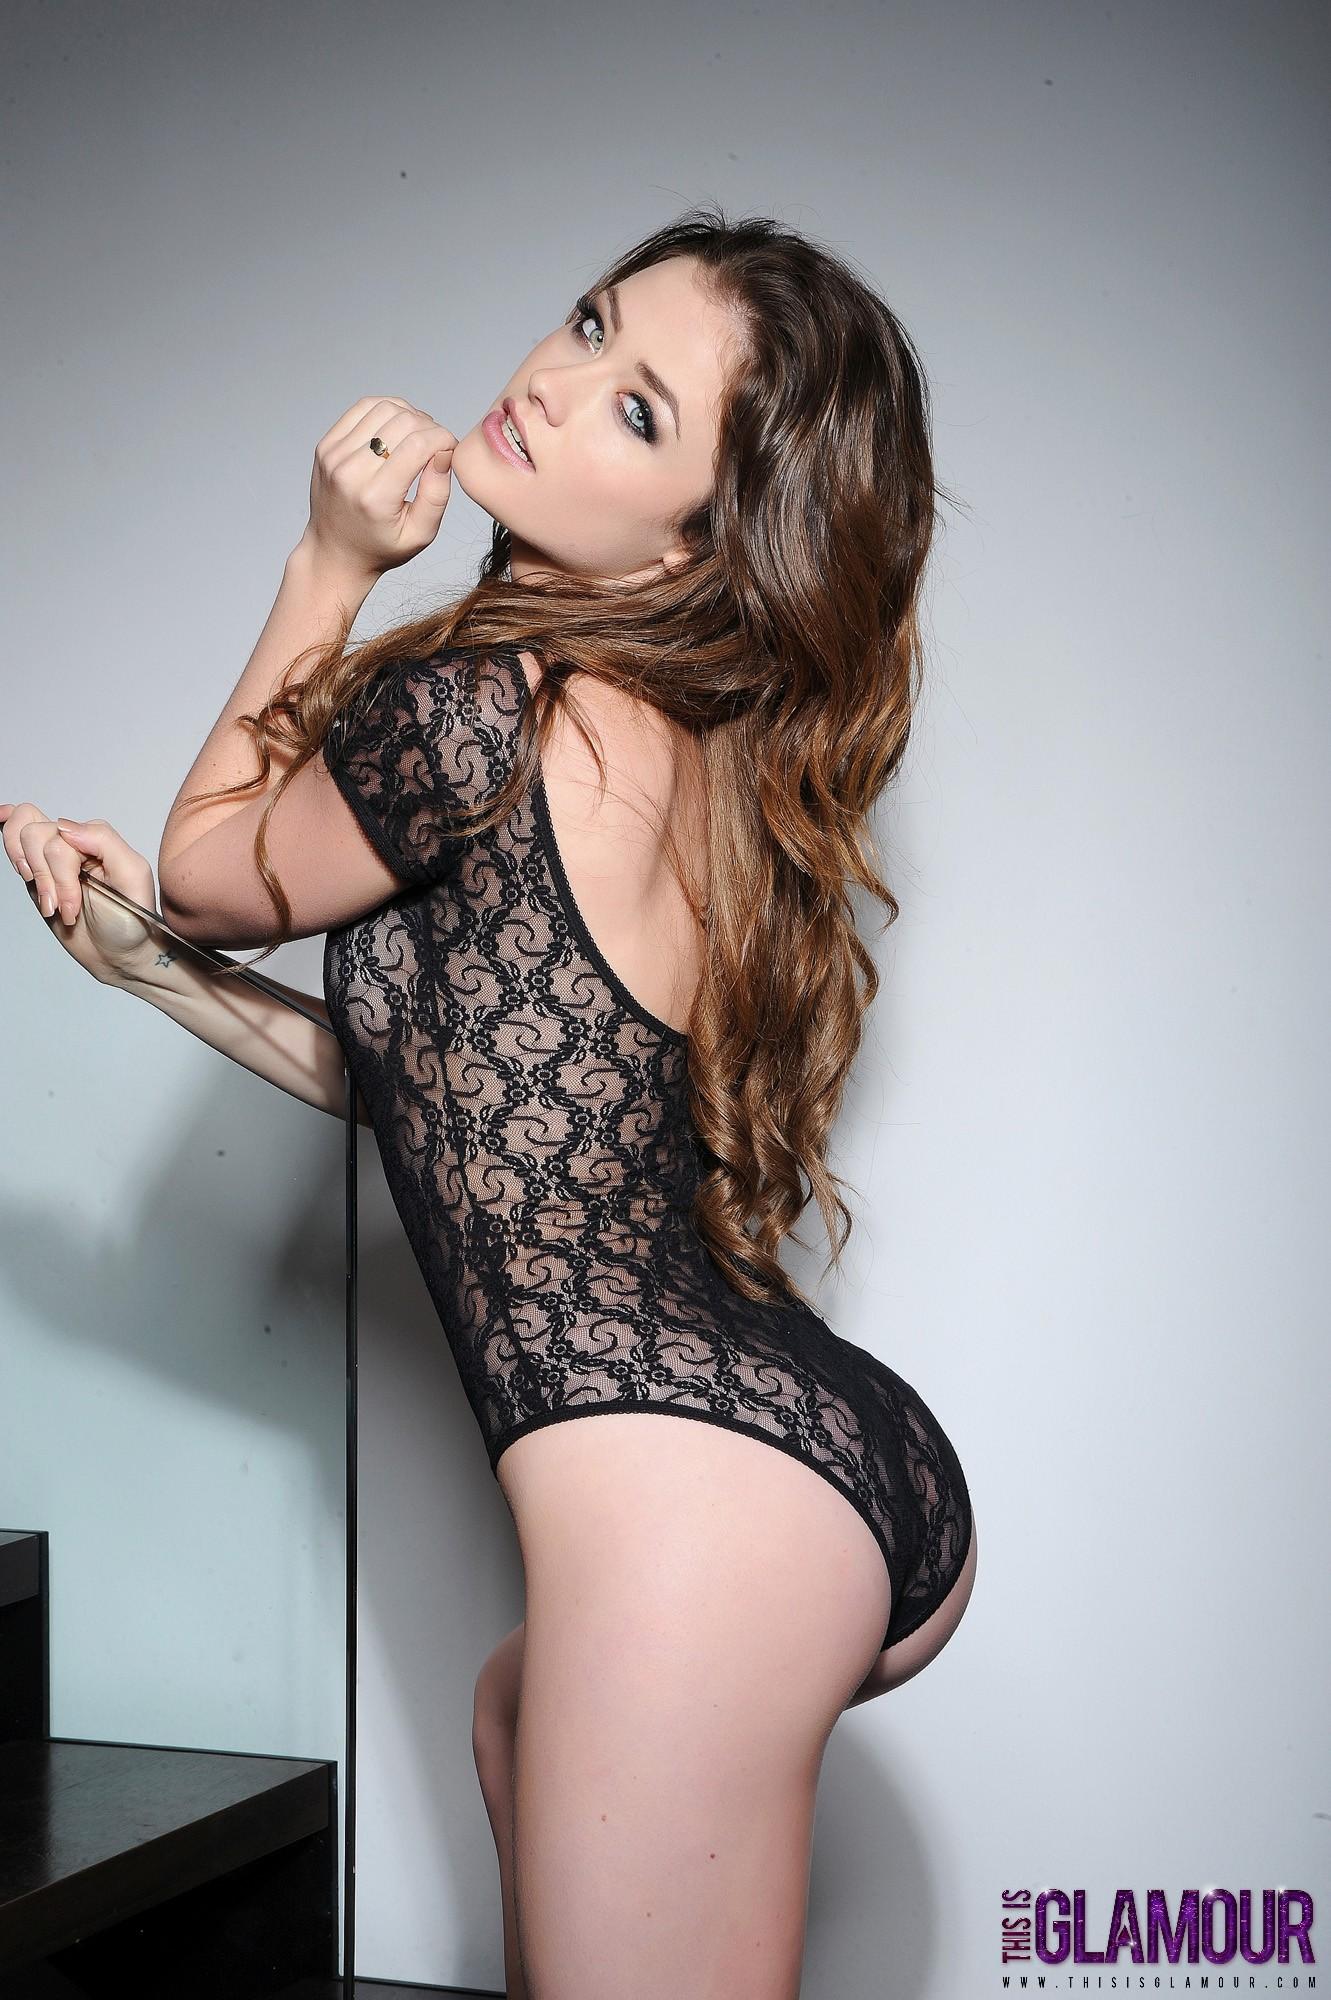 Brunette rocks a lace body suit